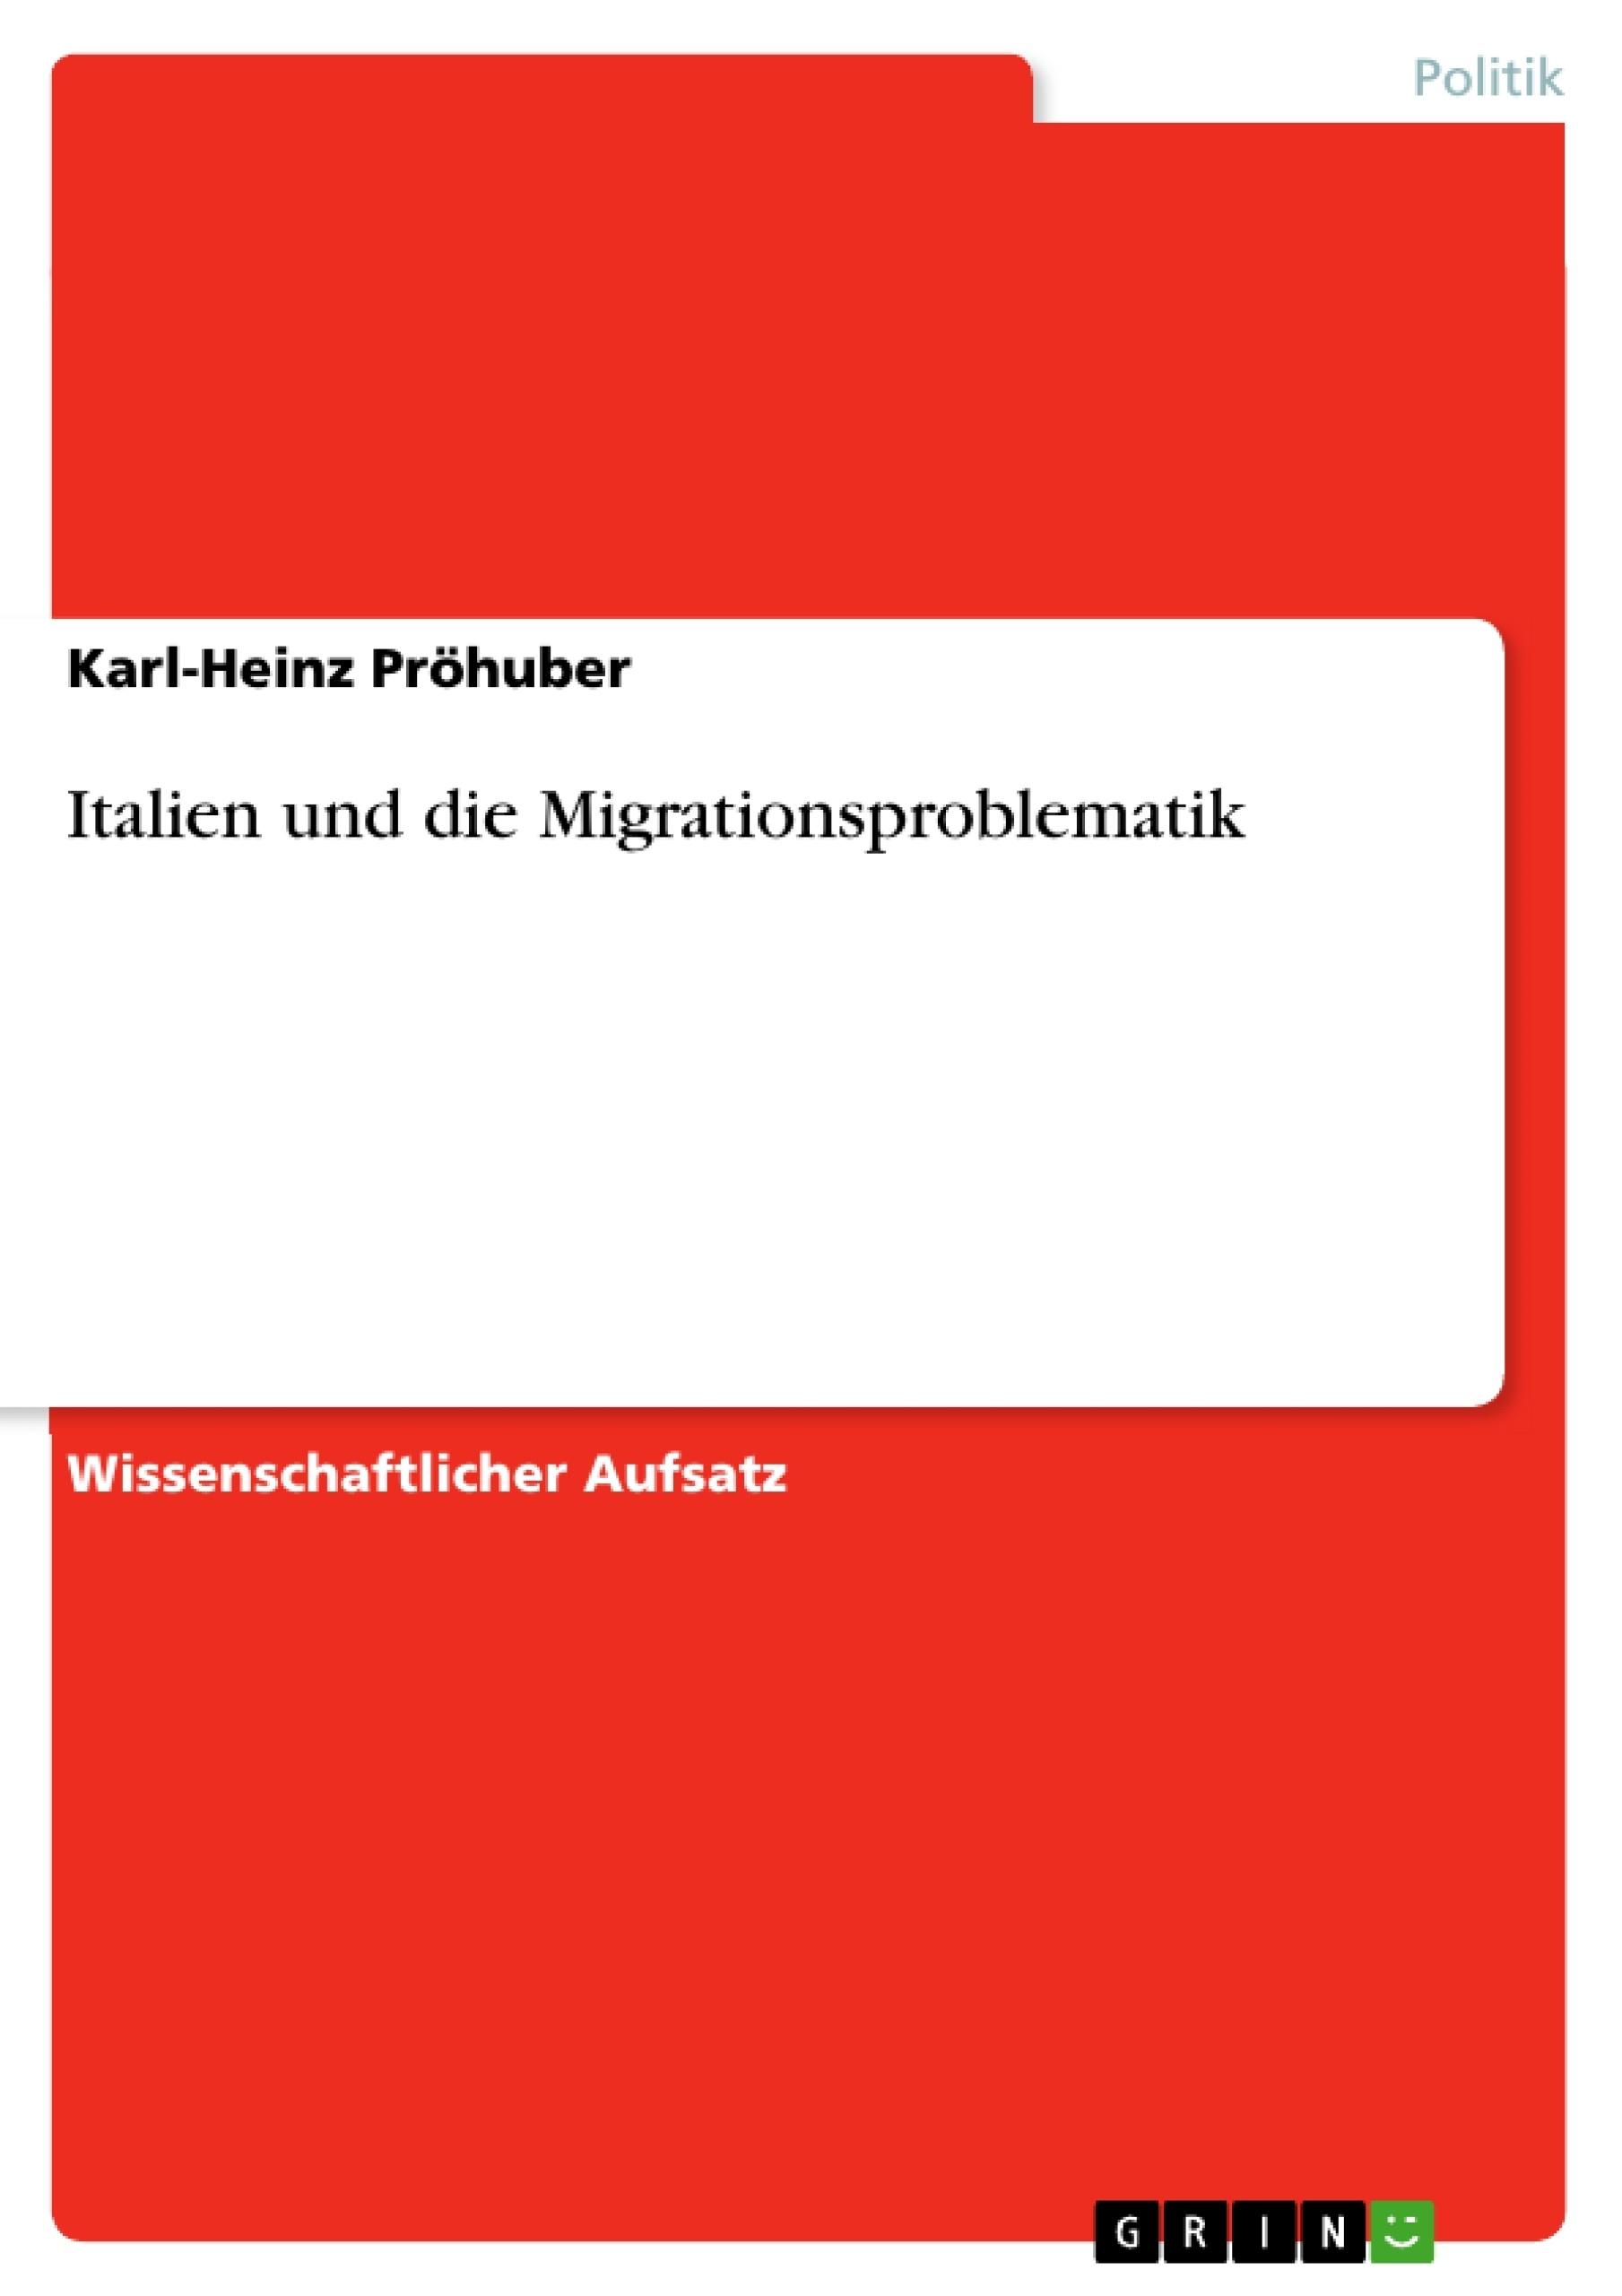 Titel: Italien und die Migrationsproblematik